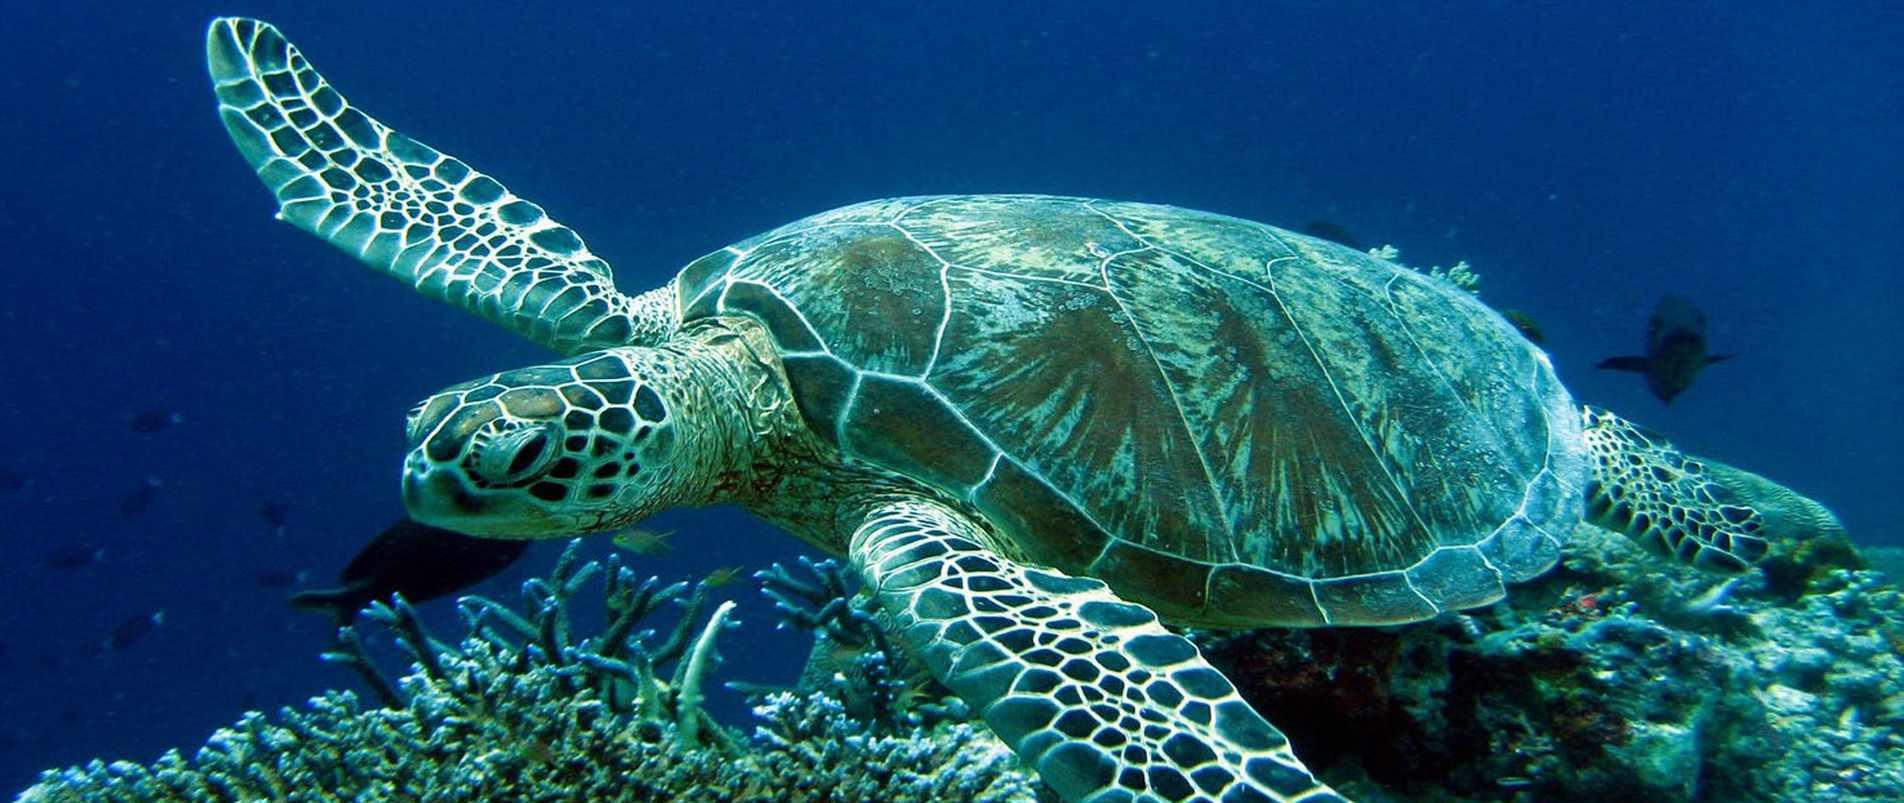 Χελώνα καρέτα καρέτα ένα από τα πιο γνωστά ζώα που κινδυνεύουν να εξαφανιστούν